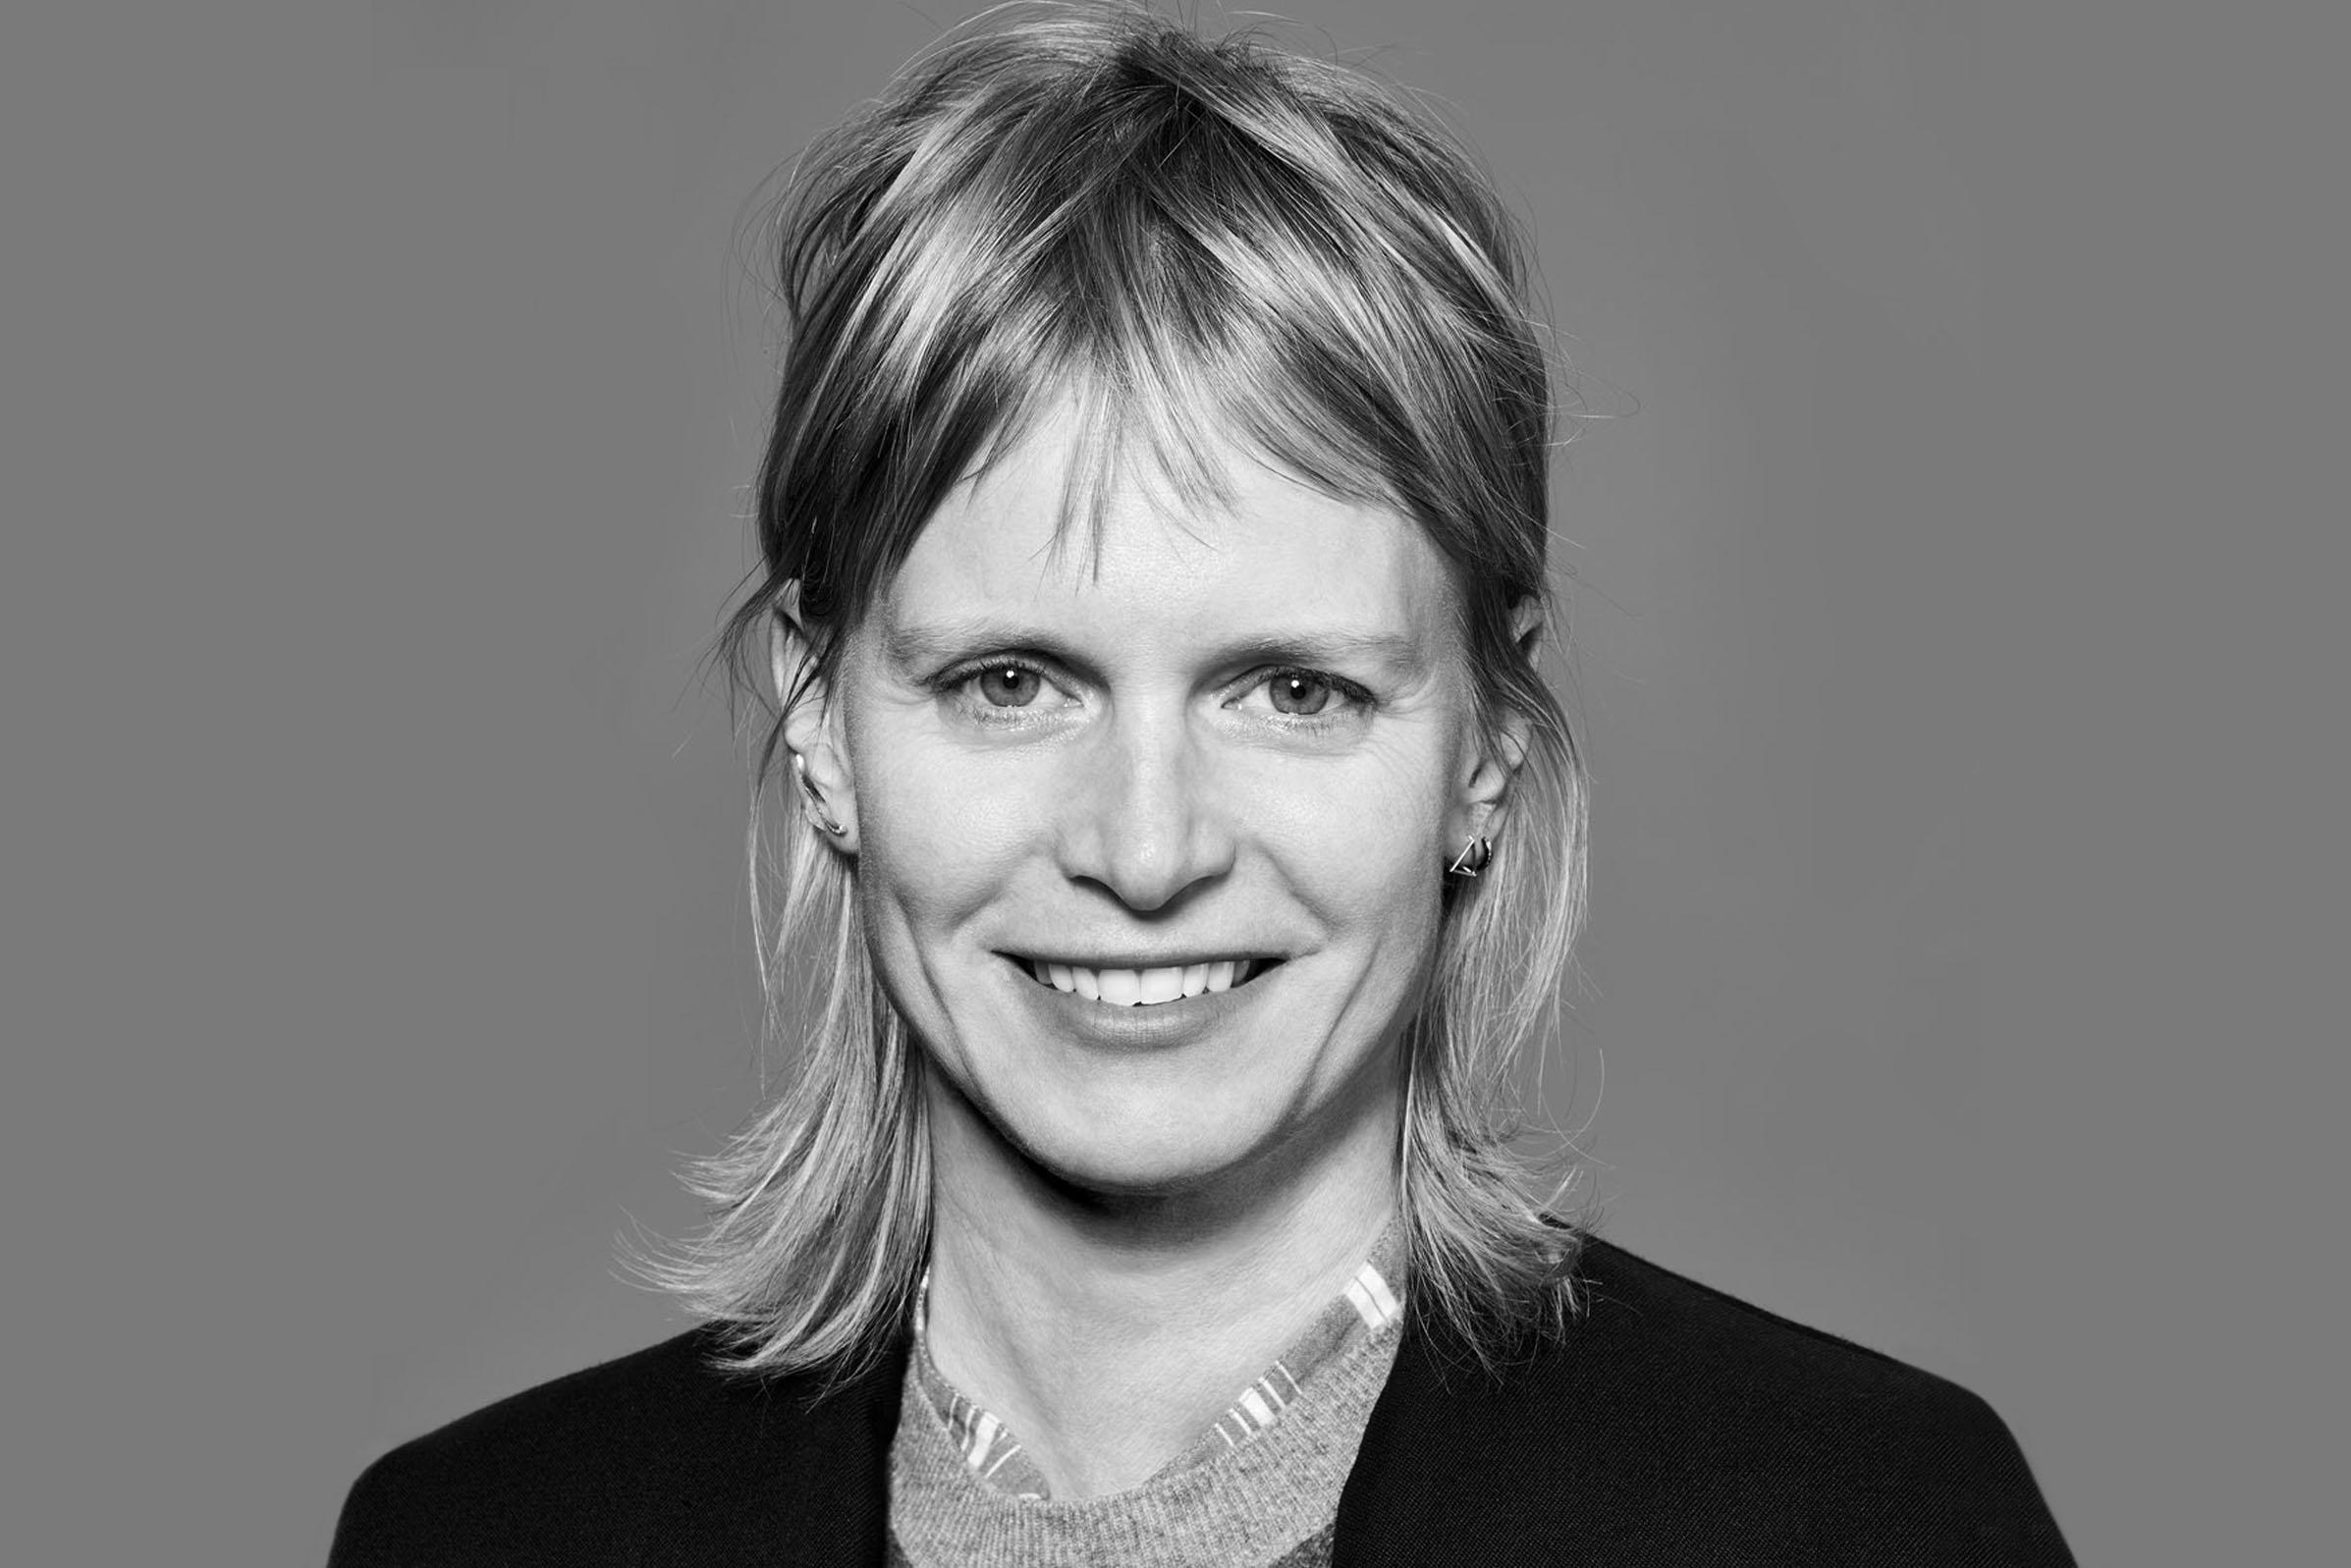 Tanja Ruhnke